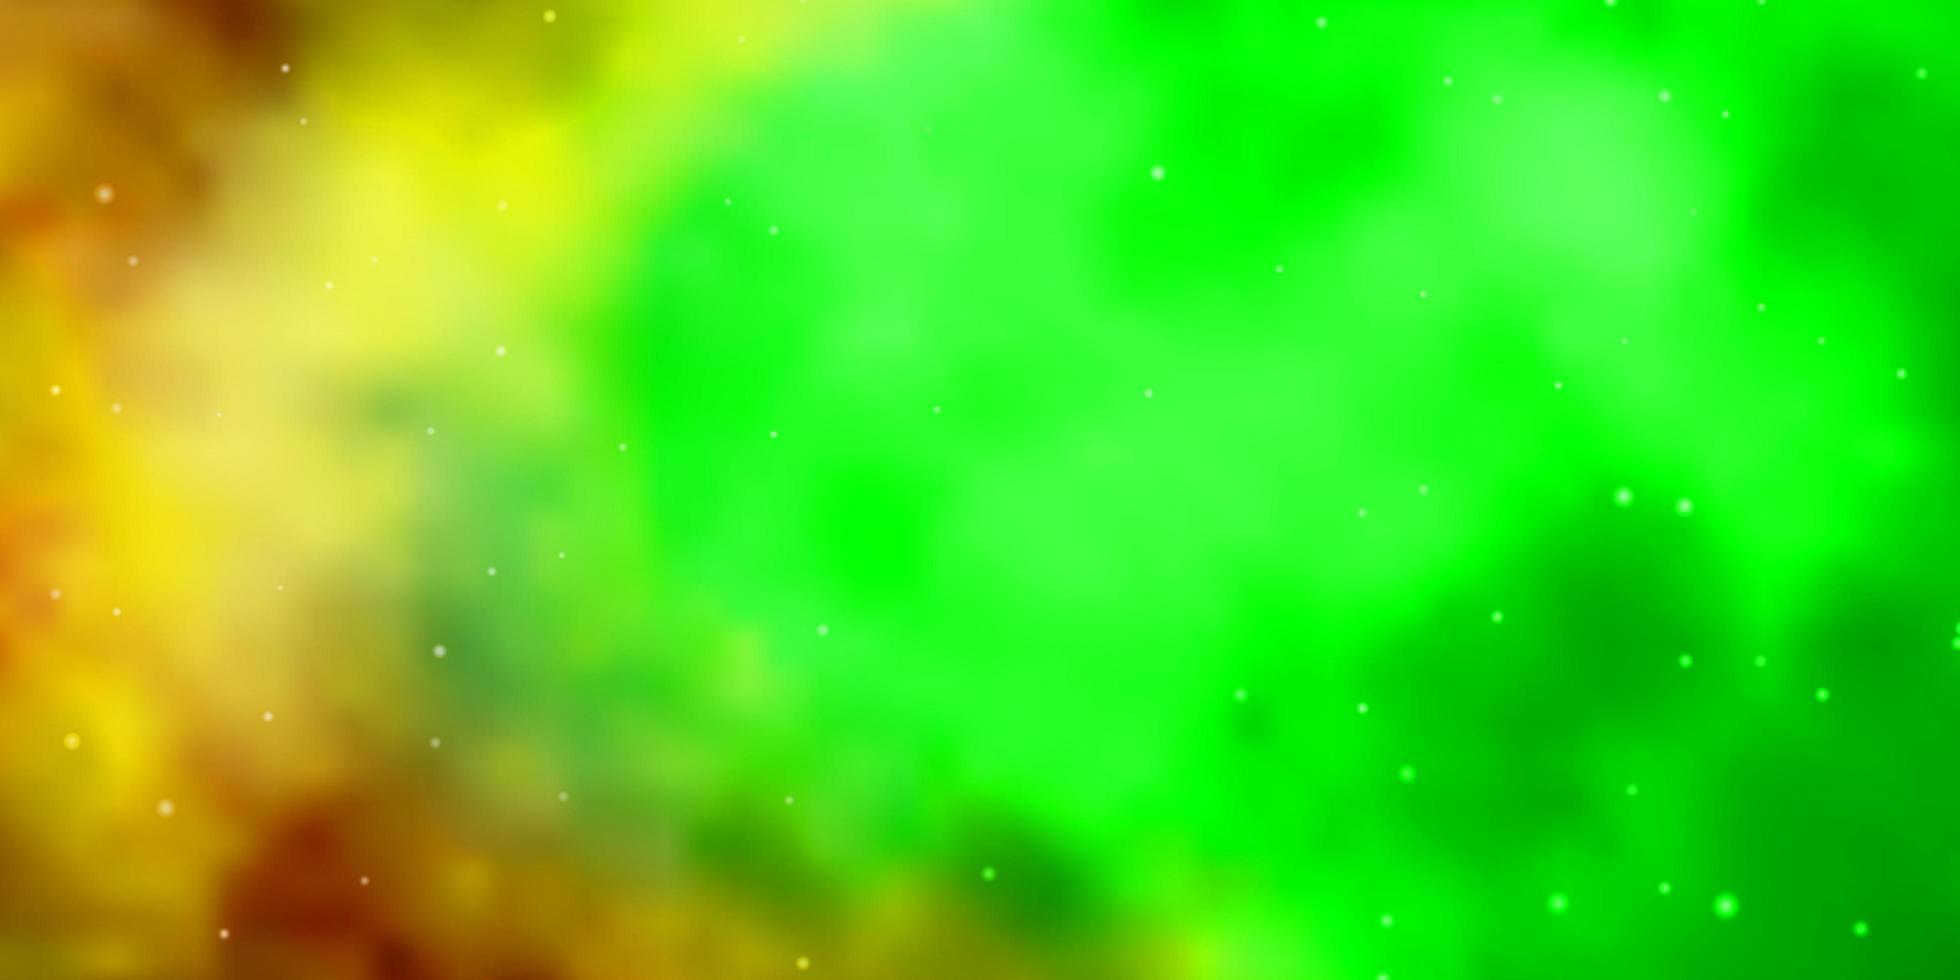 mörk flerfärgad vektorstruktur med vackra stjärnor. vektor